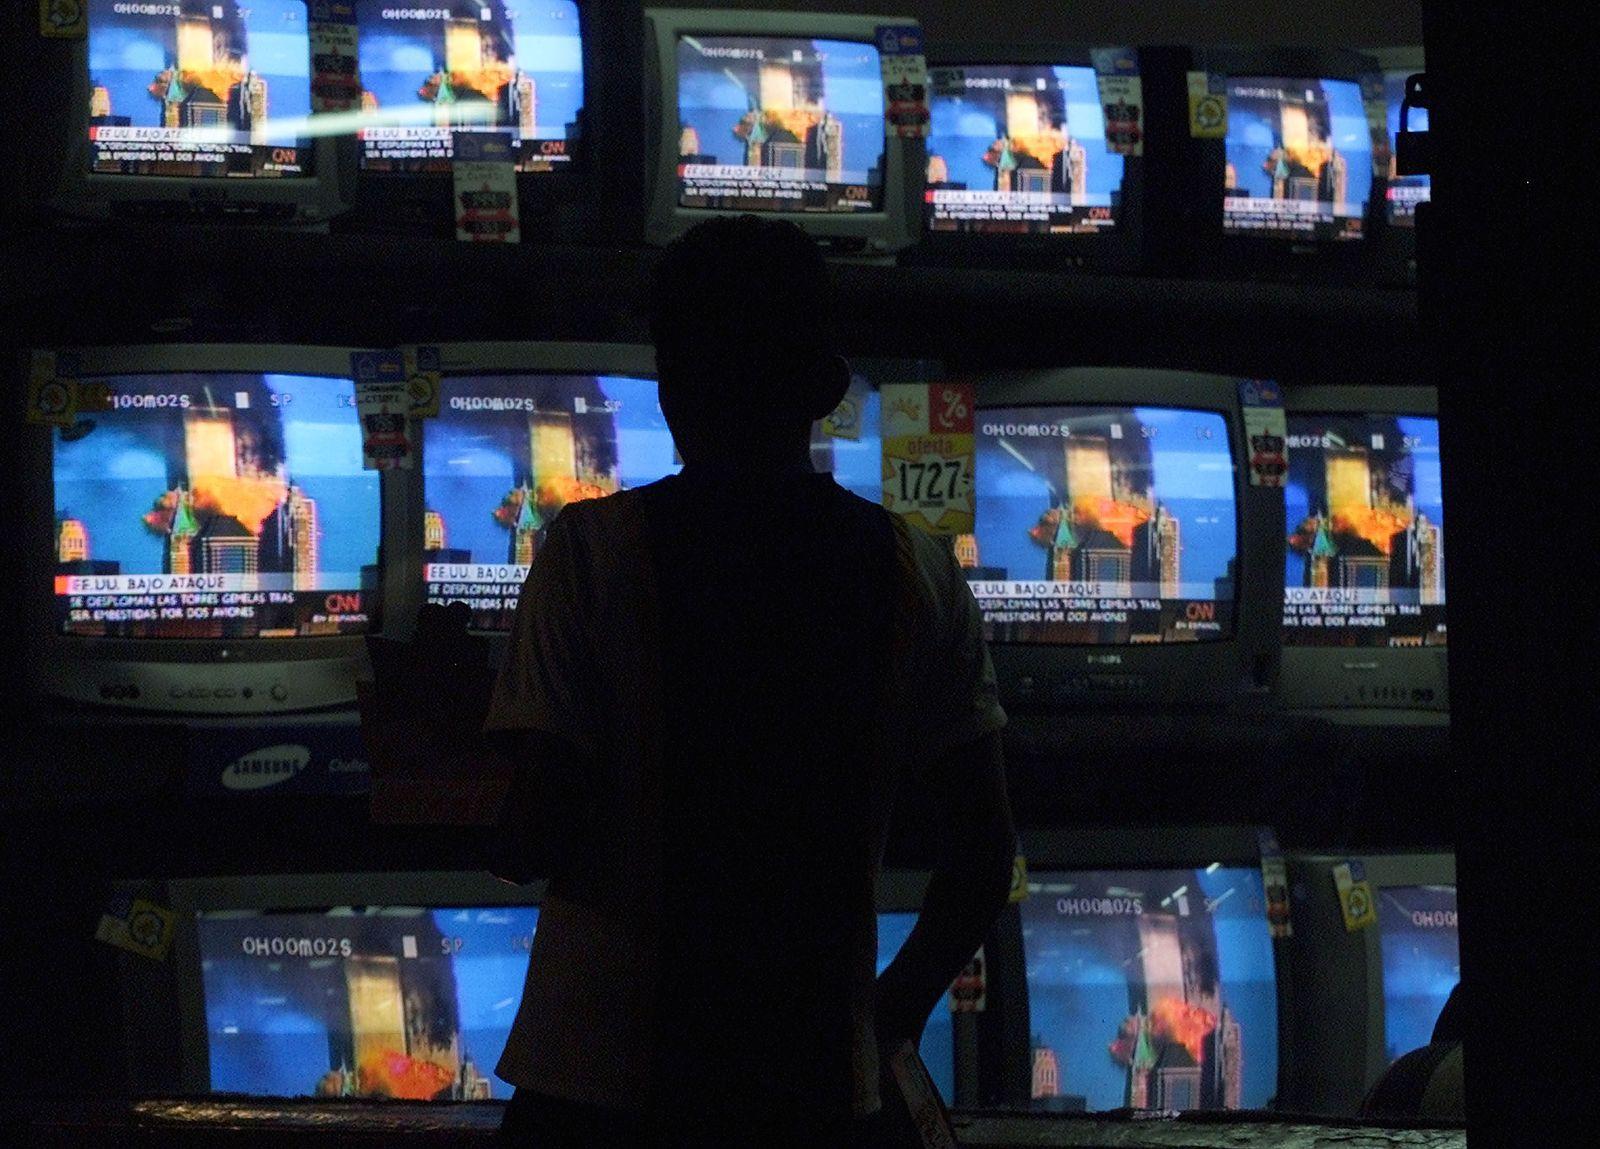 NUR FÜR EINESTAGES - Terrorismus im Fernsehen